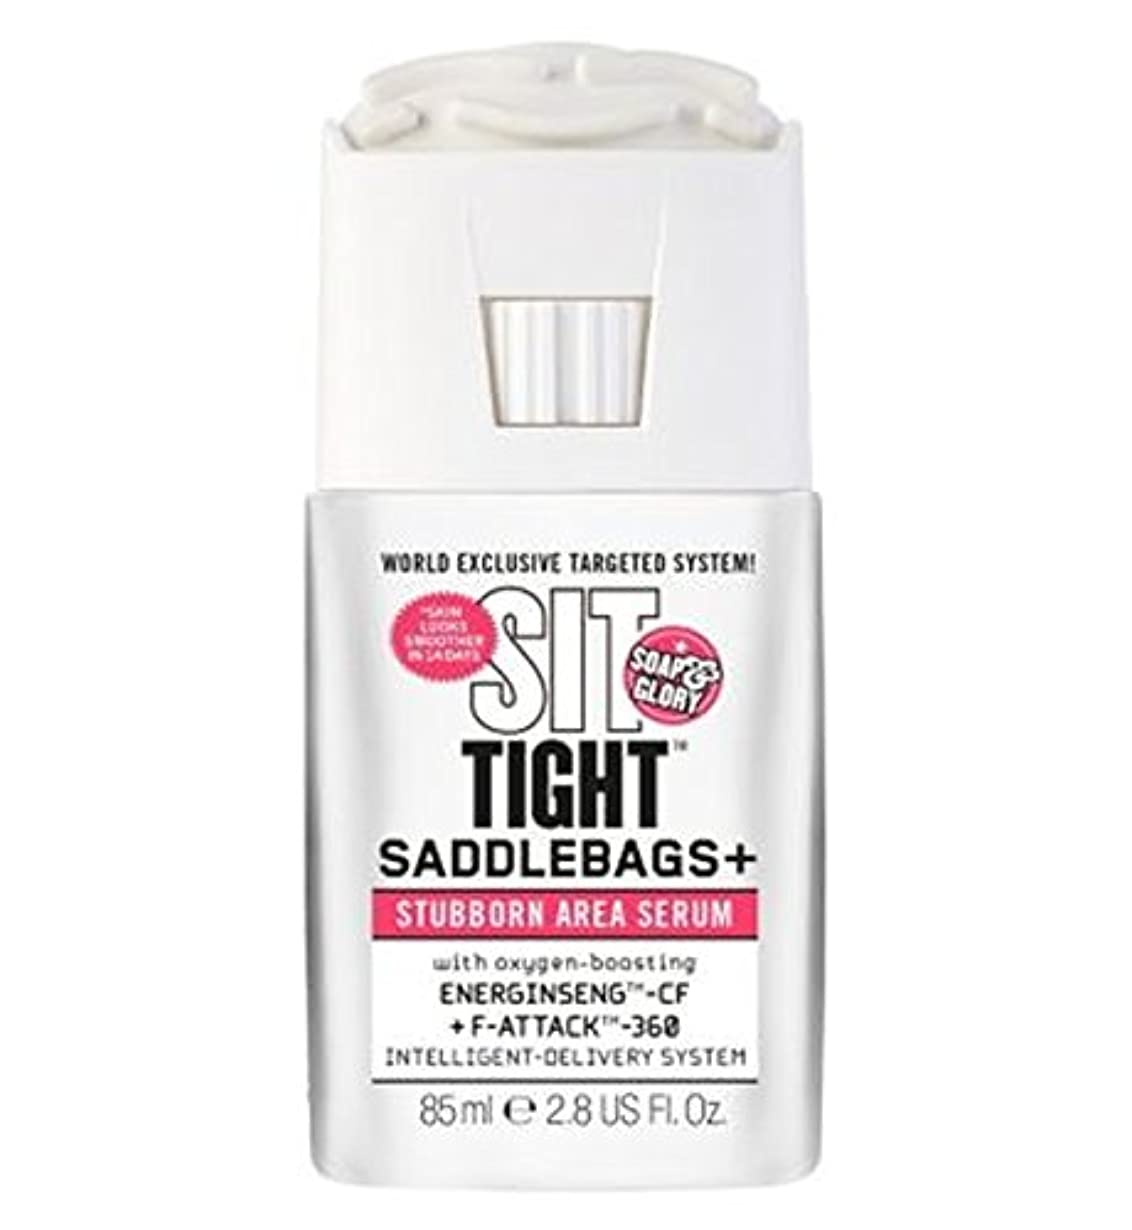 薬用期間ソフトウェア石鹸&栄光?はタイト?サドル+ 85ミリリットルに座ります (Soap & Glory) (x2) - Soap & Glory? Sit Tight? Saddlebags+ 85ml (Pack of 2) [並行輸入品]